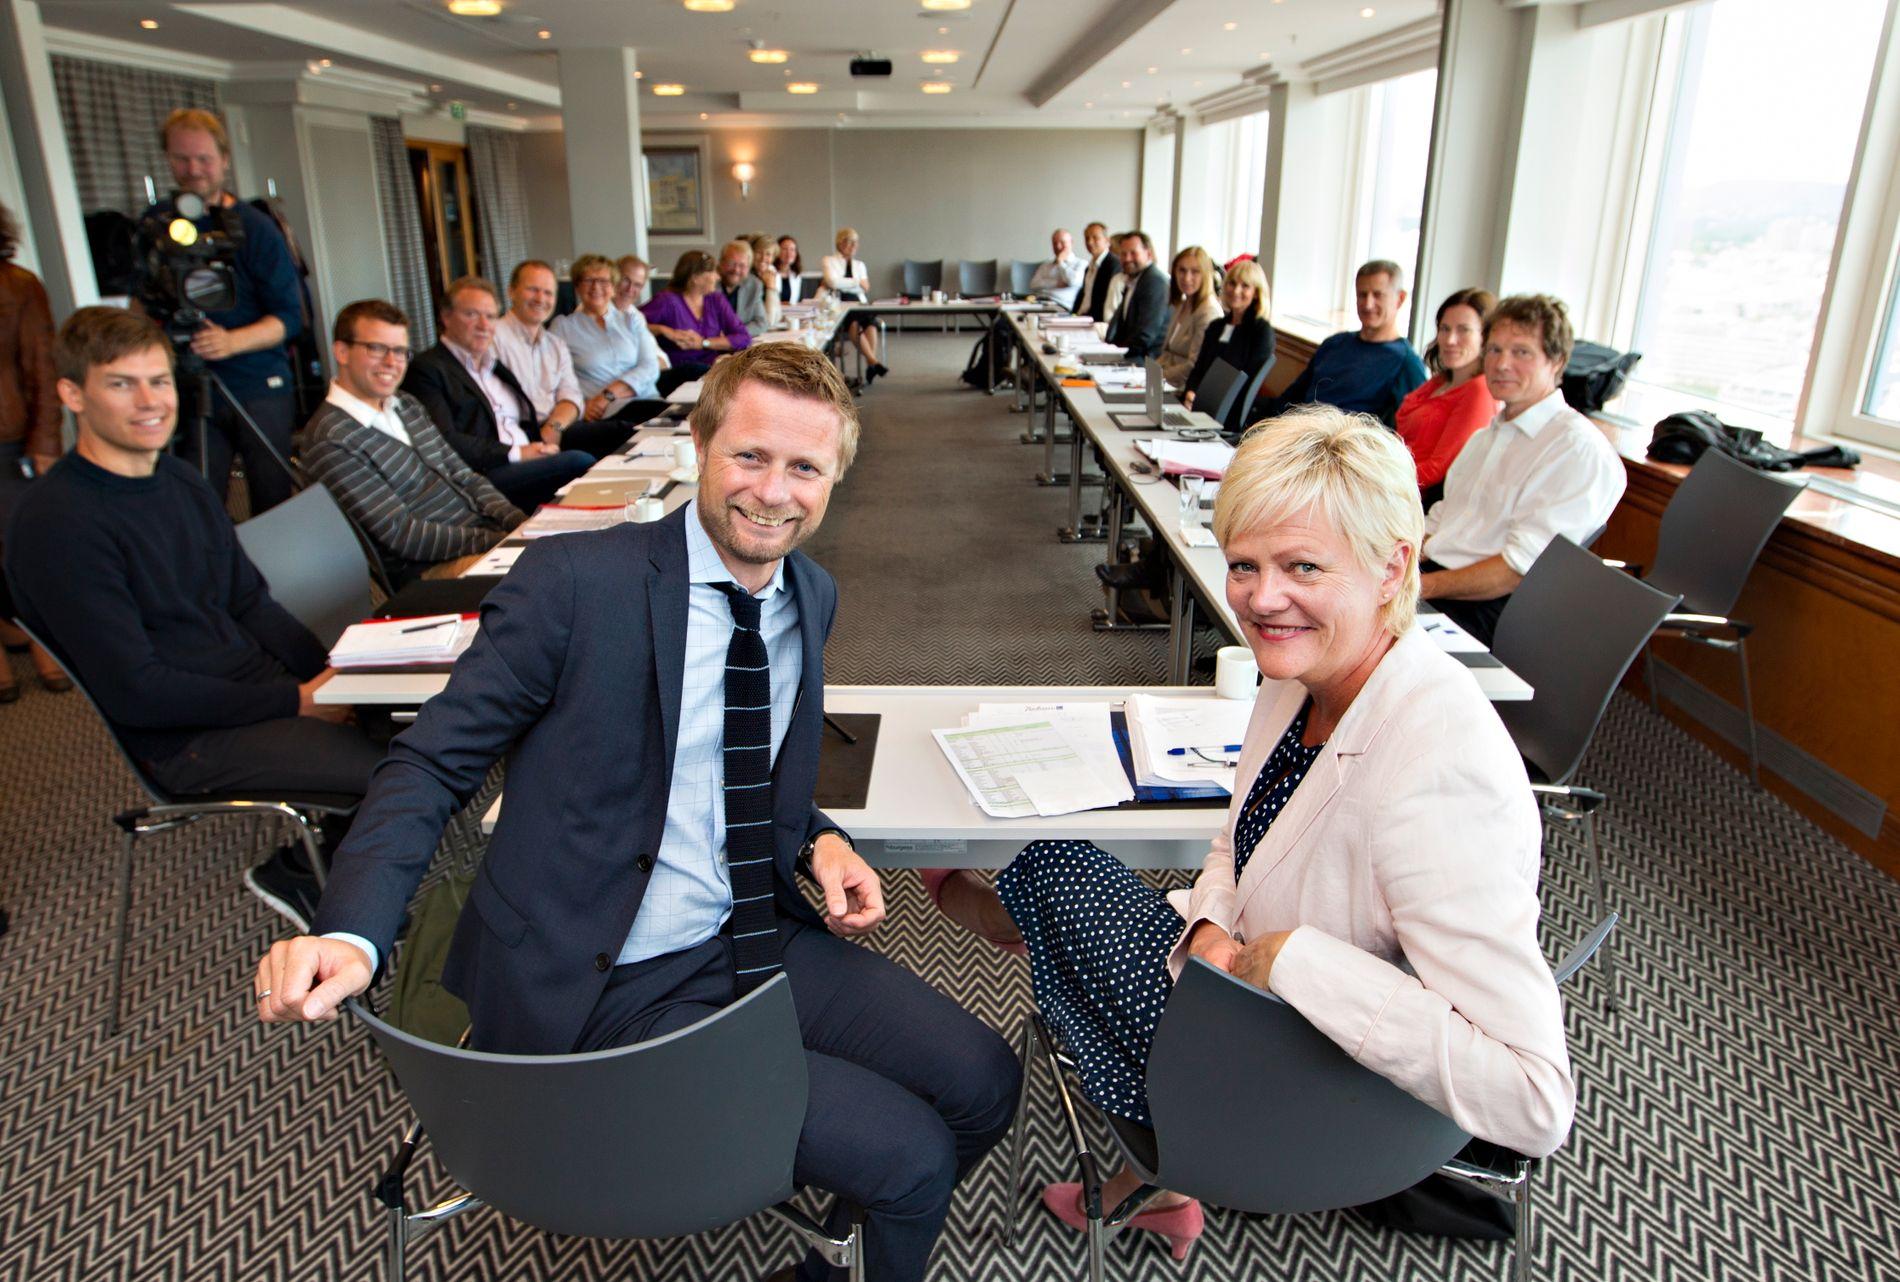 RÅDET: Bioteknologirådet med leder Kristin Halvorsen fotografert i 2015 - i sitt første møte med helseminister Bent Høie (H). Nå kan Høie og regjeringen sende rådet og sekretariatet på 7 ansatte ut av Oslo.